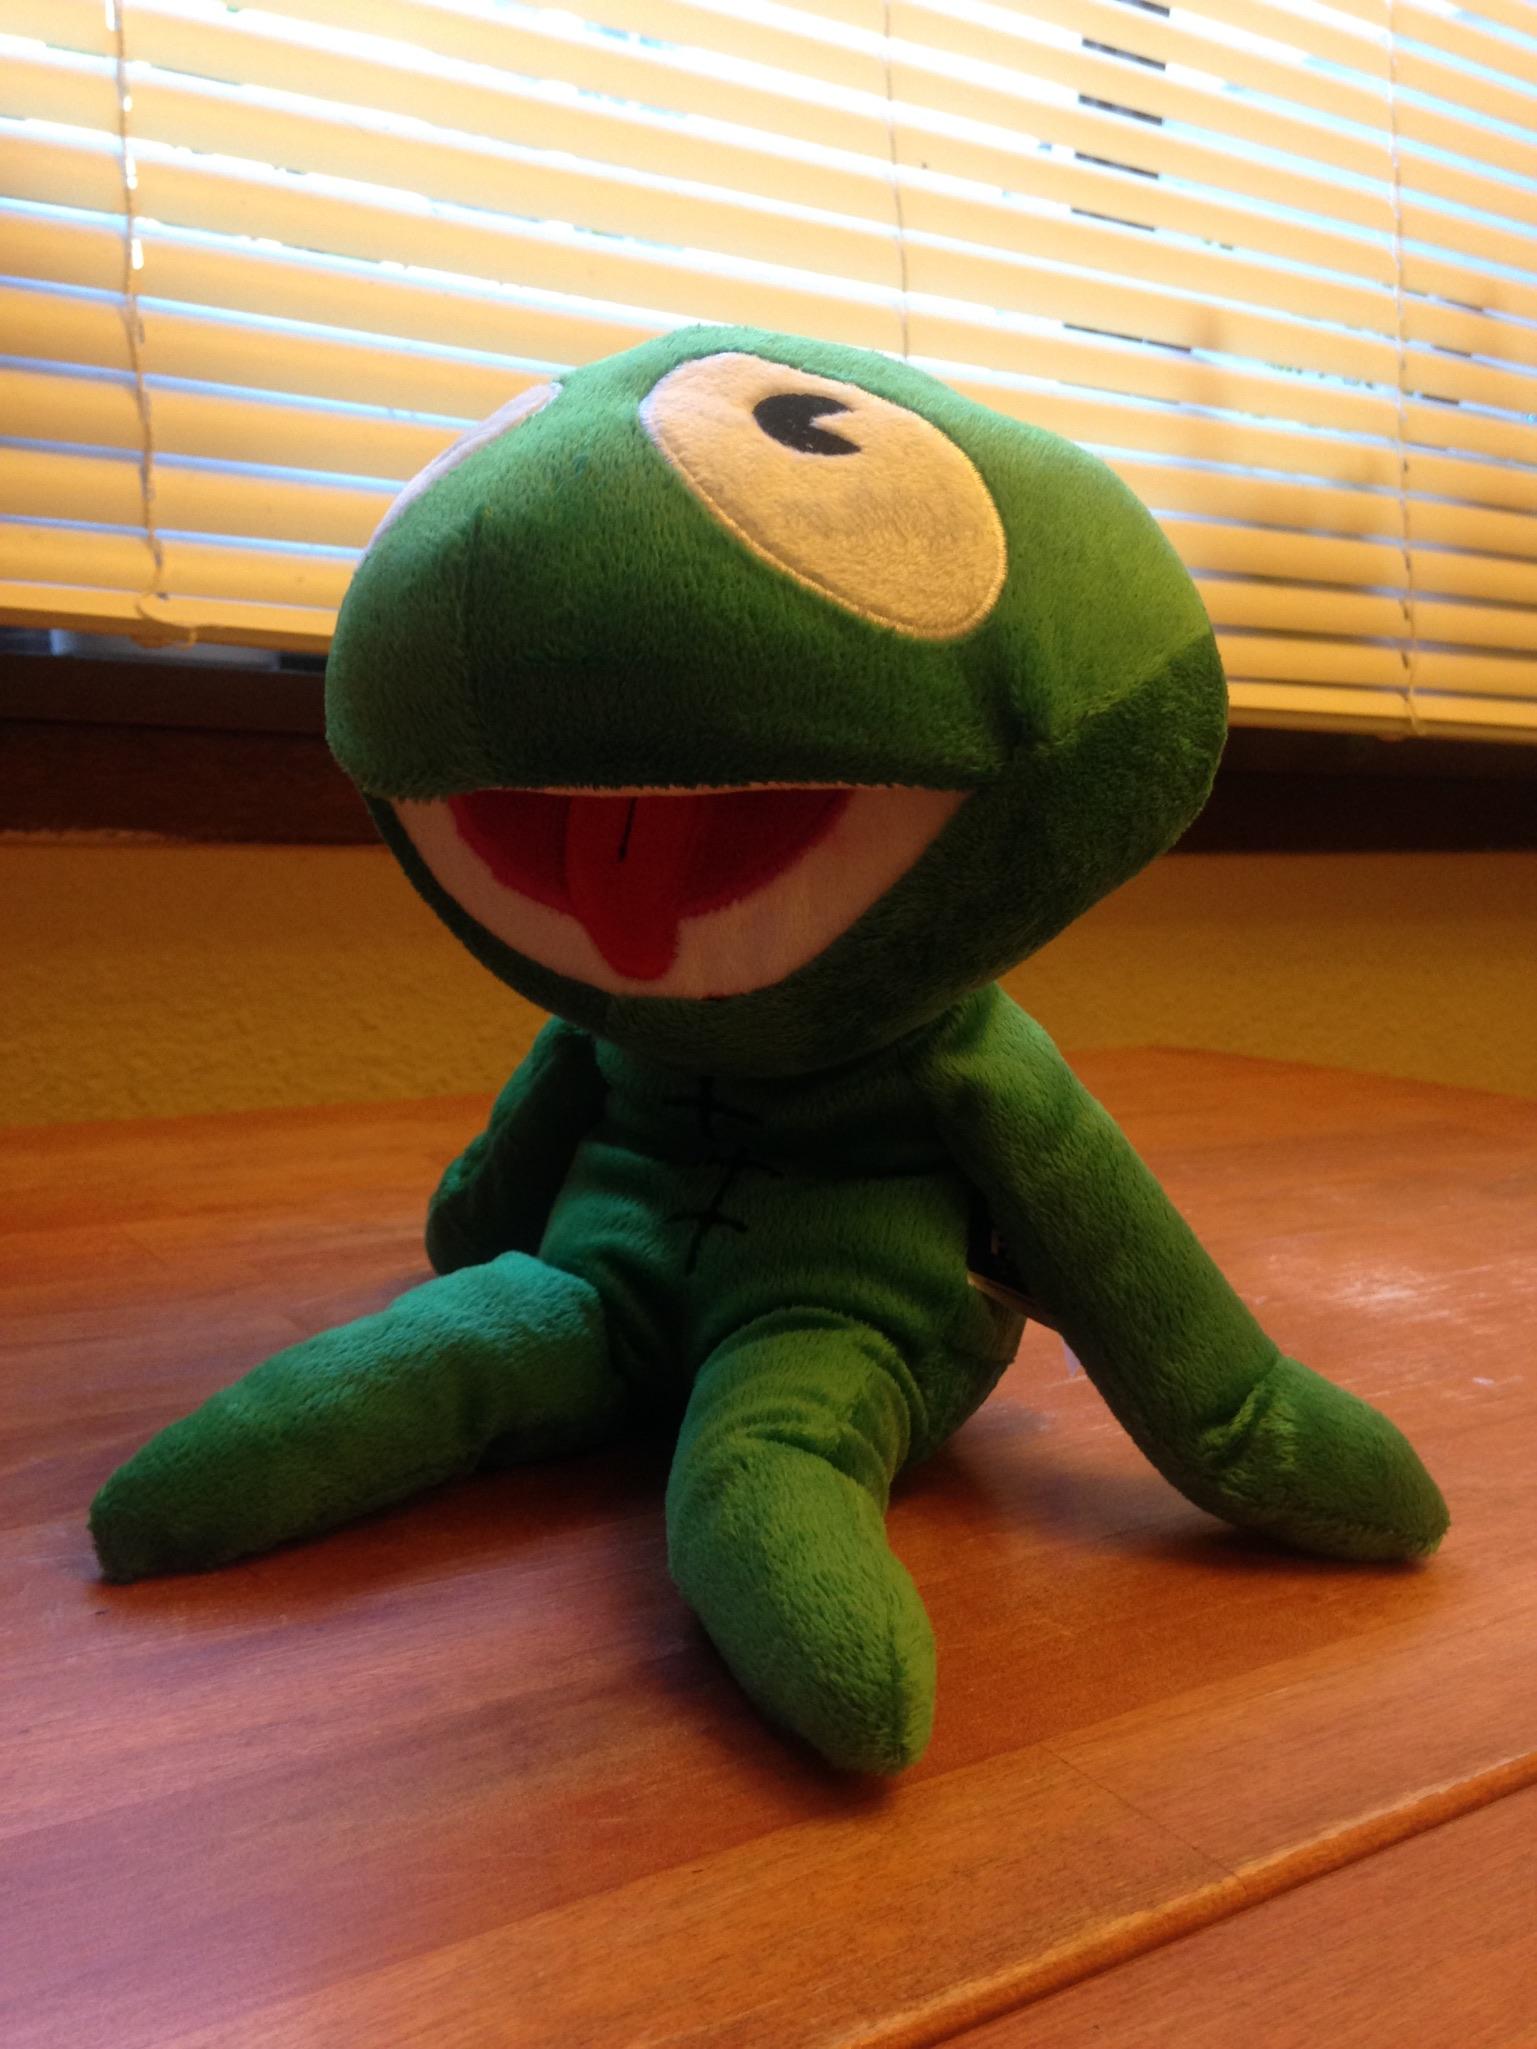 #6. Clyde Frog